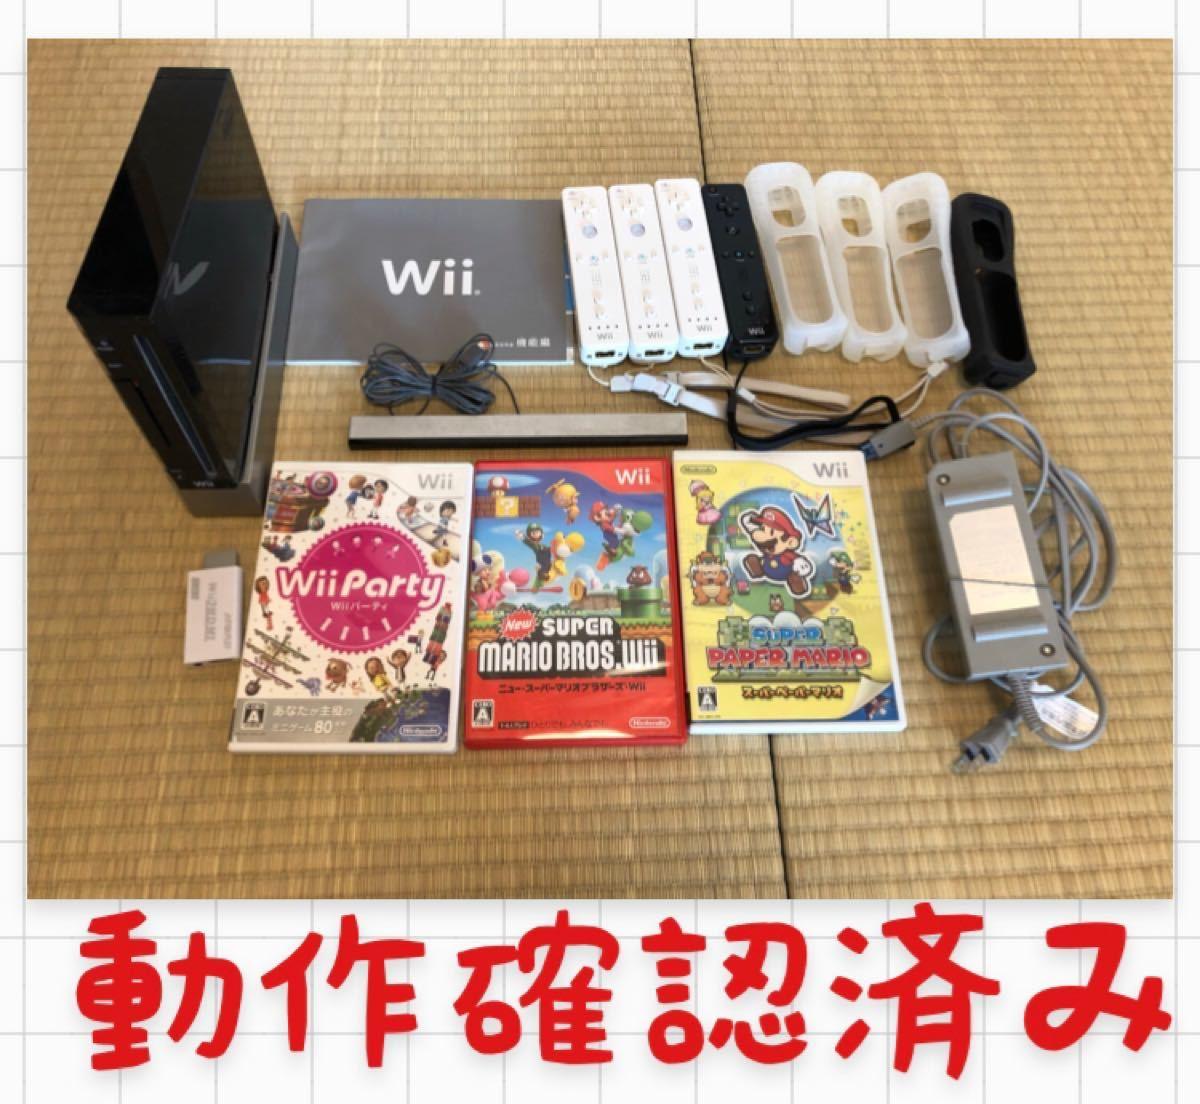 任天堂 Wii 本体 リモコン4本 ソフト3種 セット (Wii Fit Plus 別出品中) Nintendo